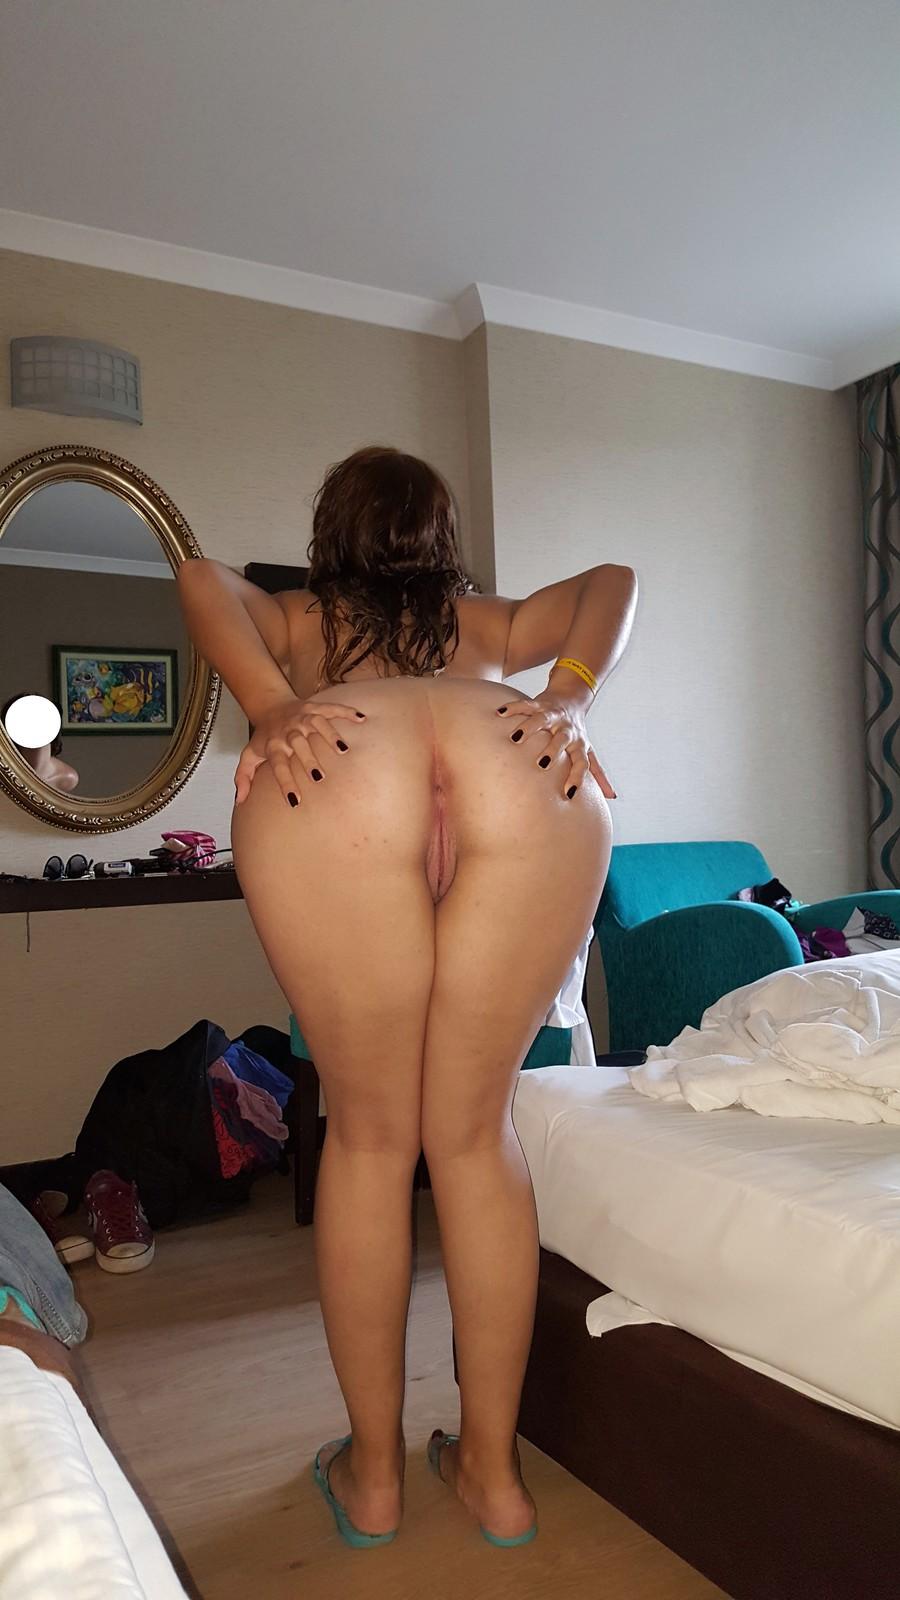 Anal  Mobil Porno Film izle Bedava Porno Sex Videoları